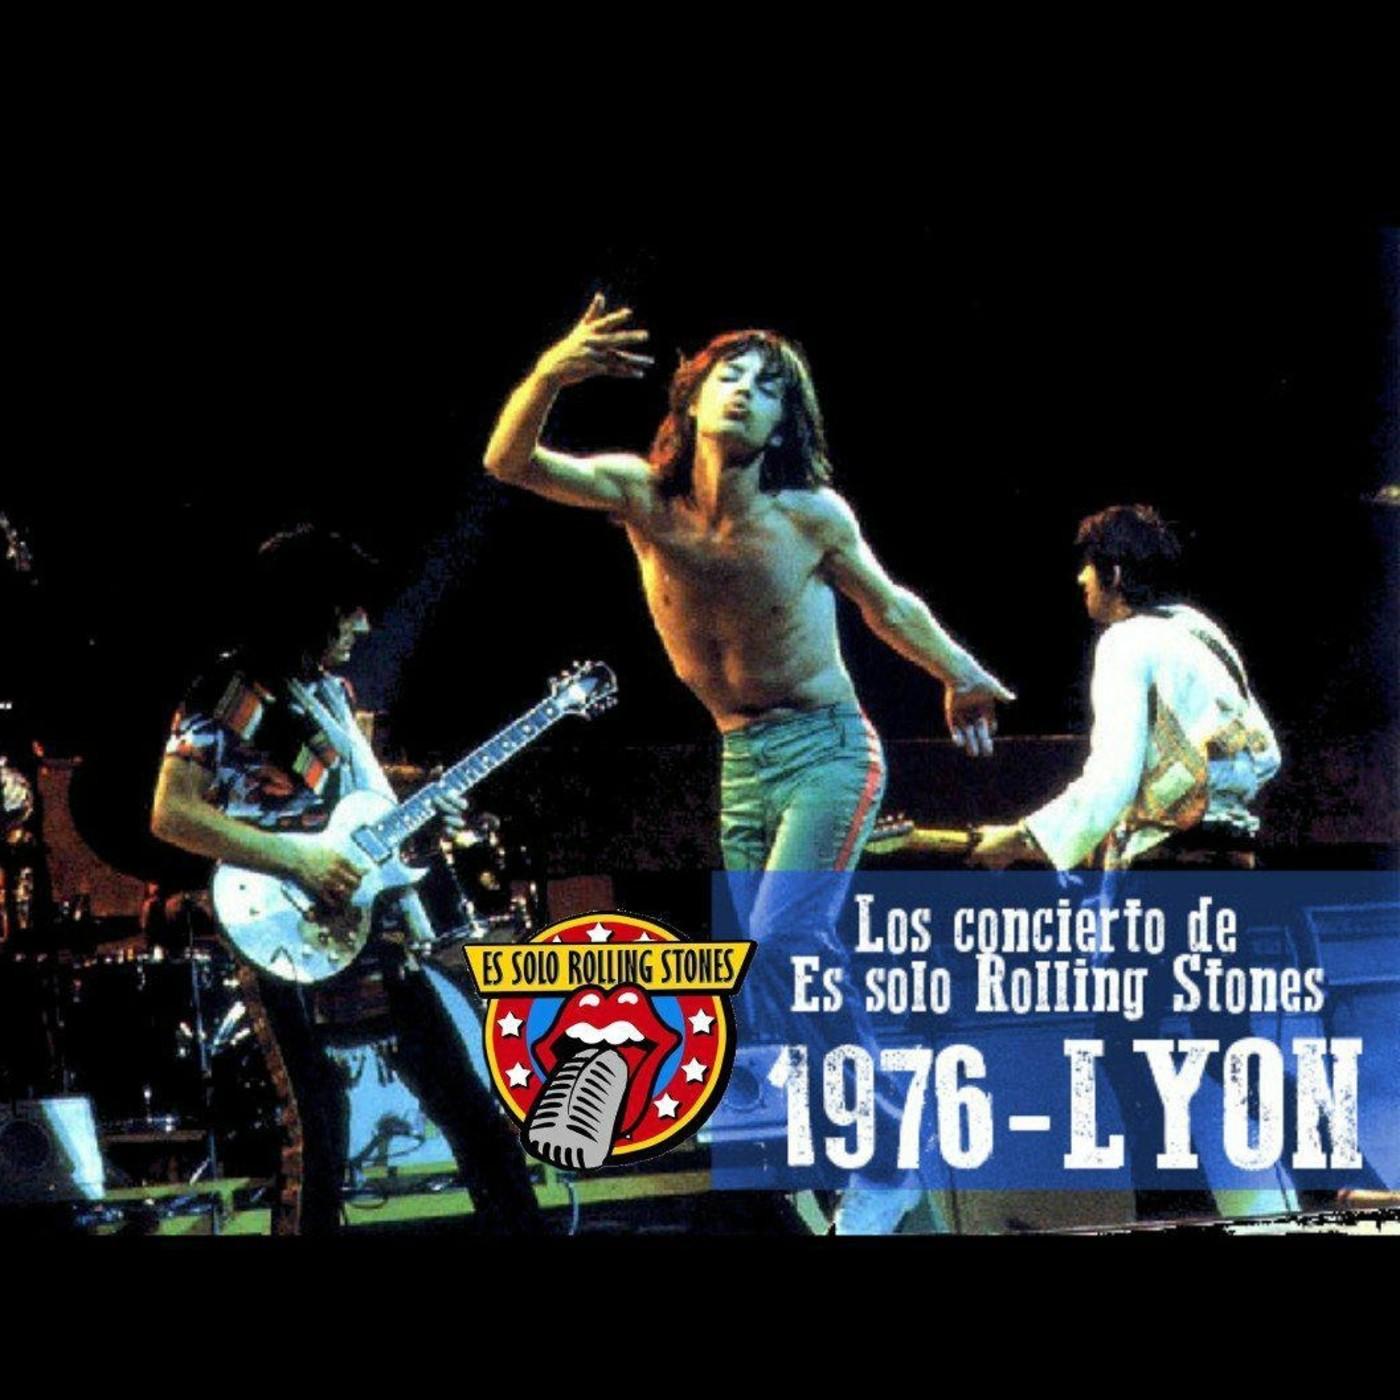 LYON 1976 - Los conciertos de Es solo Rolling Stones